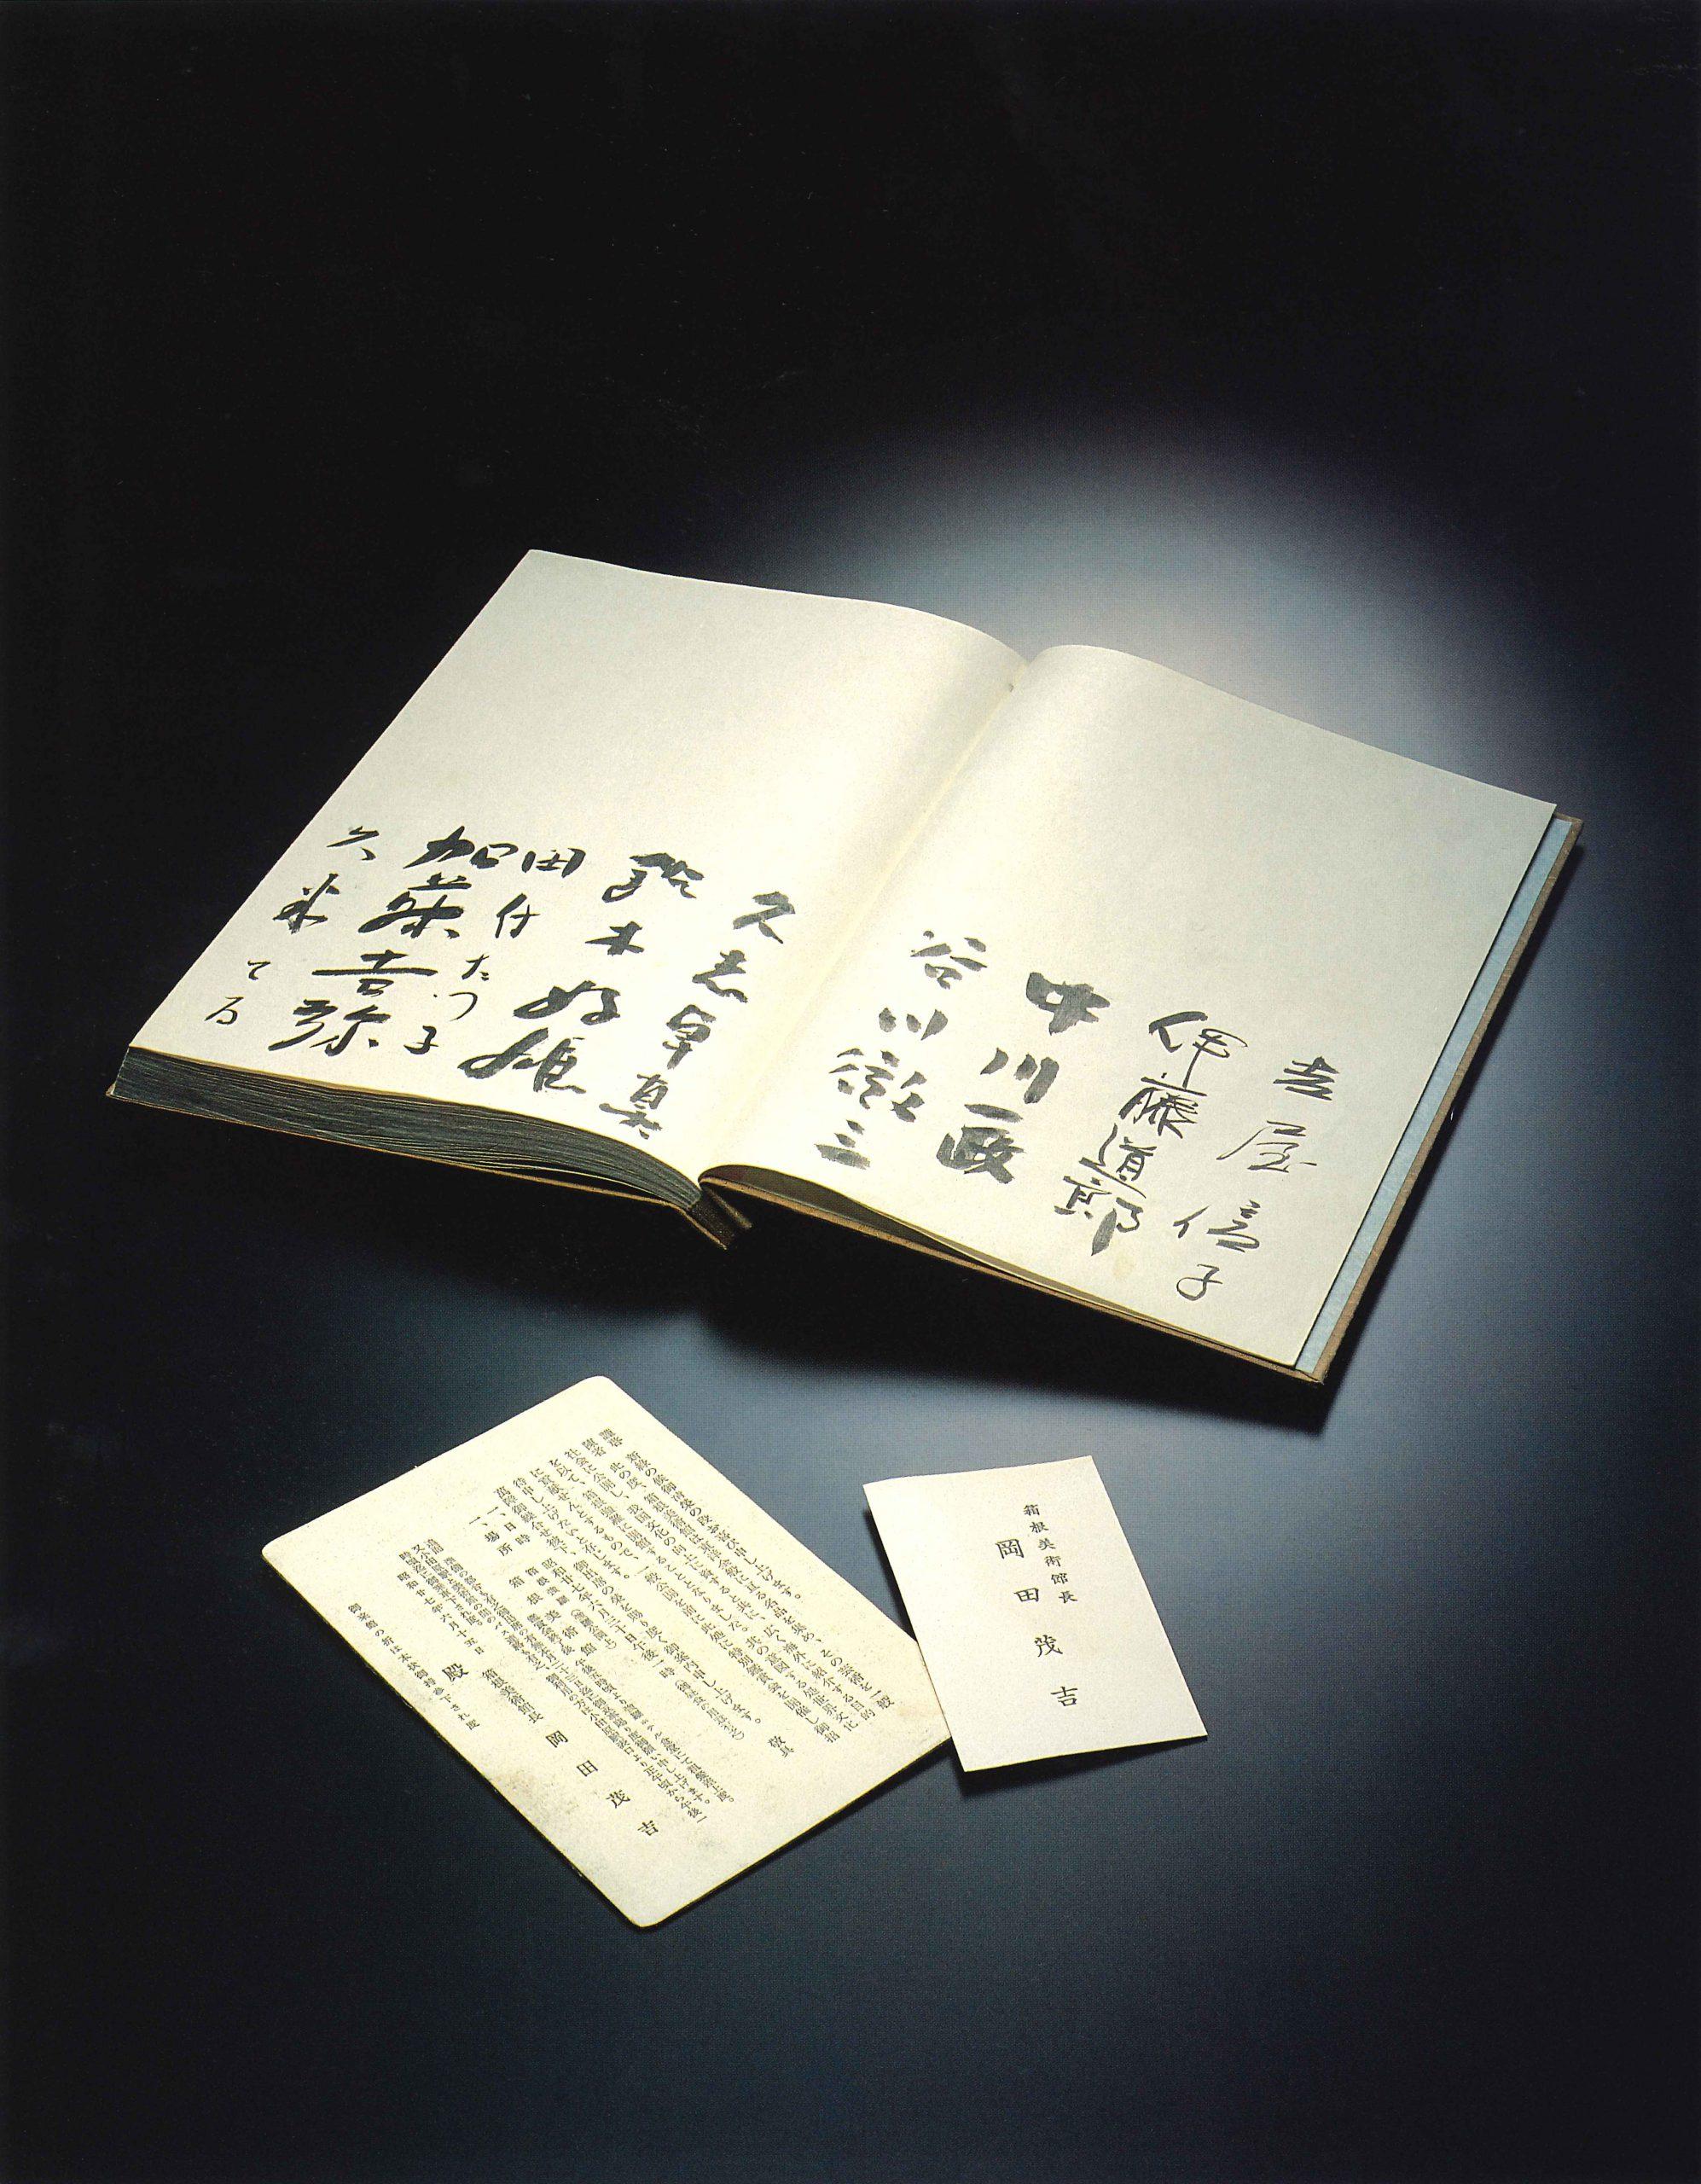 開館時の芳名録招待状と名刺には箱根美術館館長岡田茂吉とある